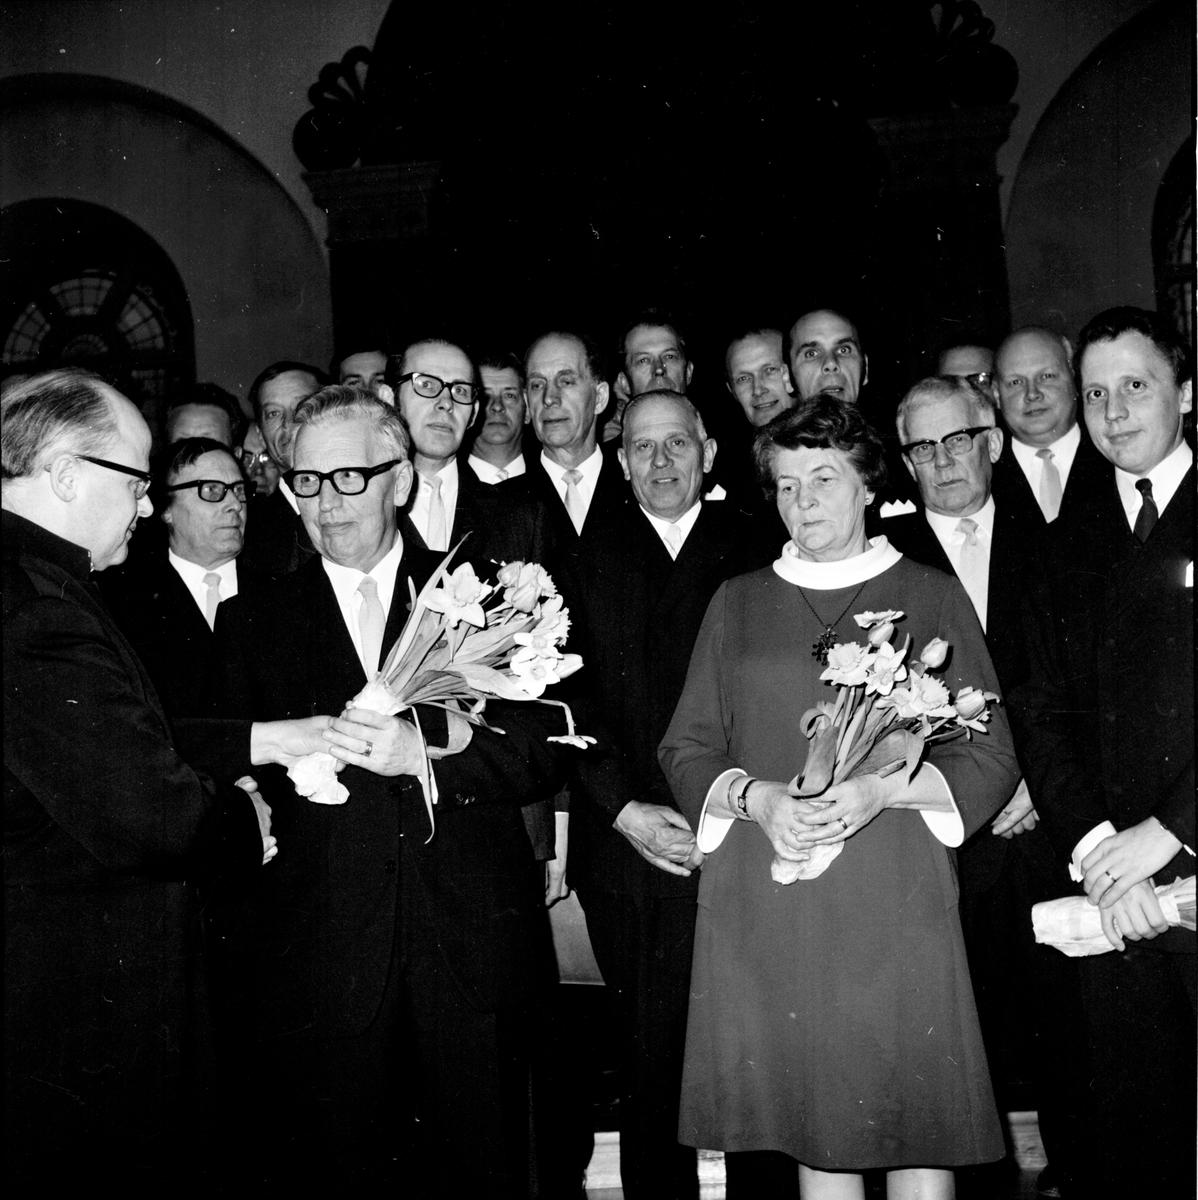 Arbrå, Manskörernas konsert i kyrkan, 1971